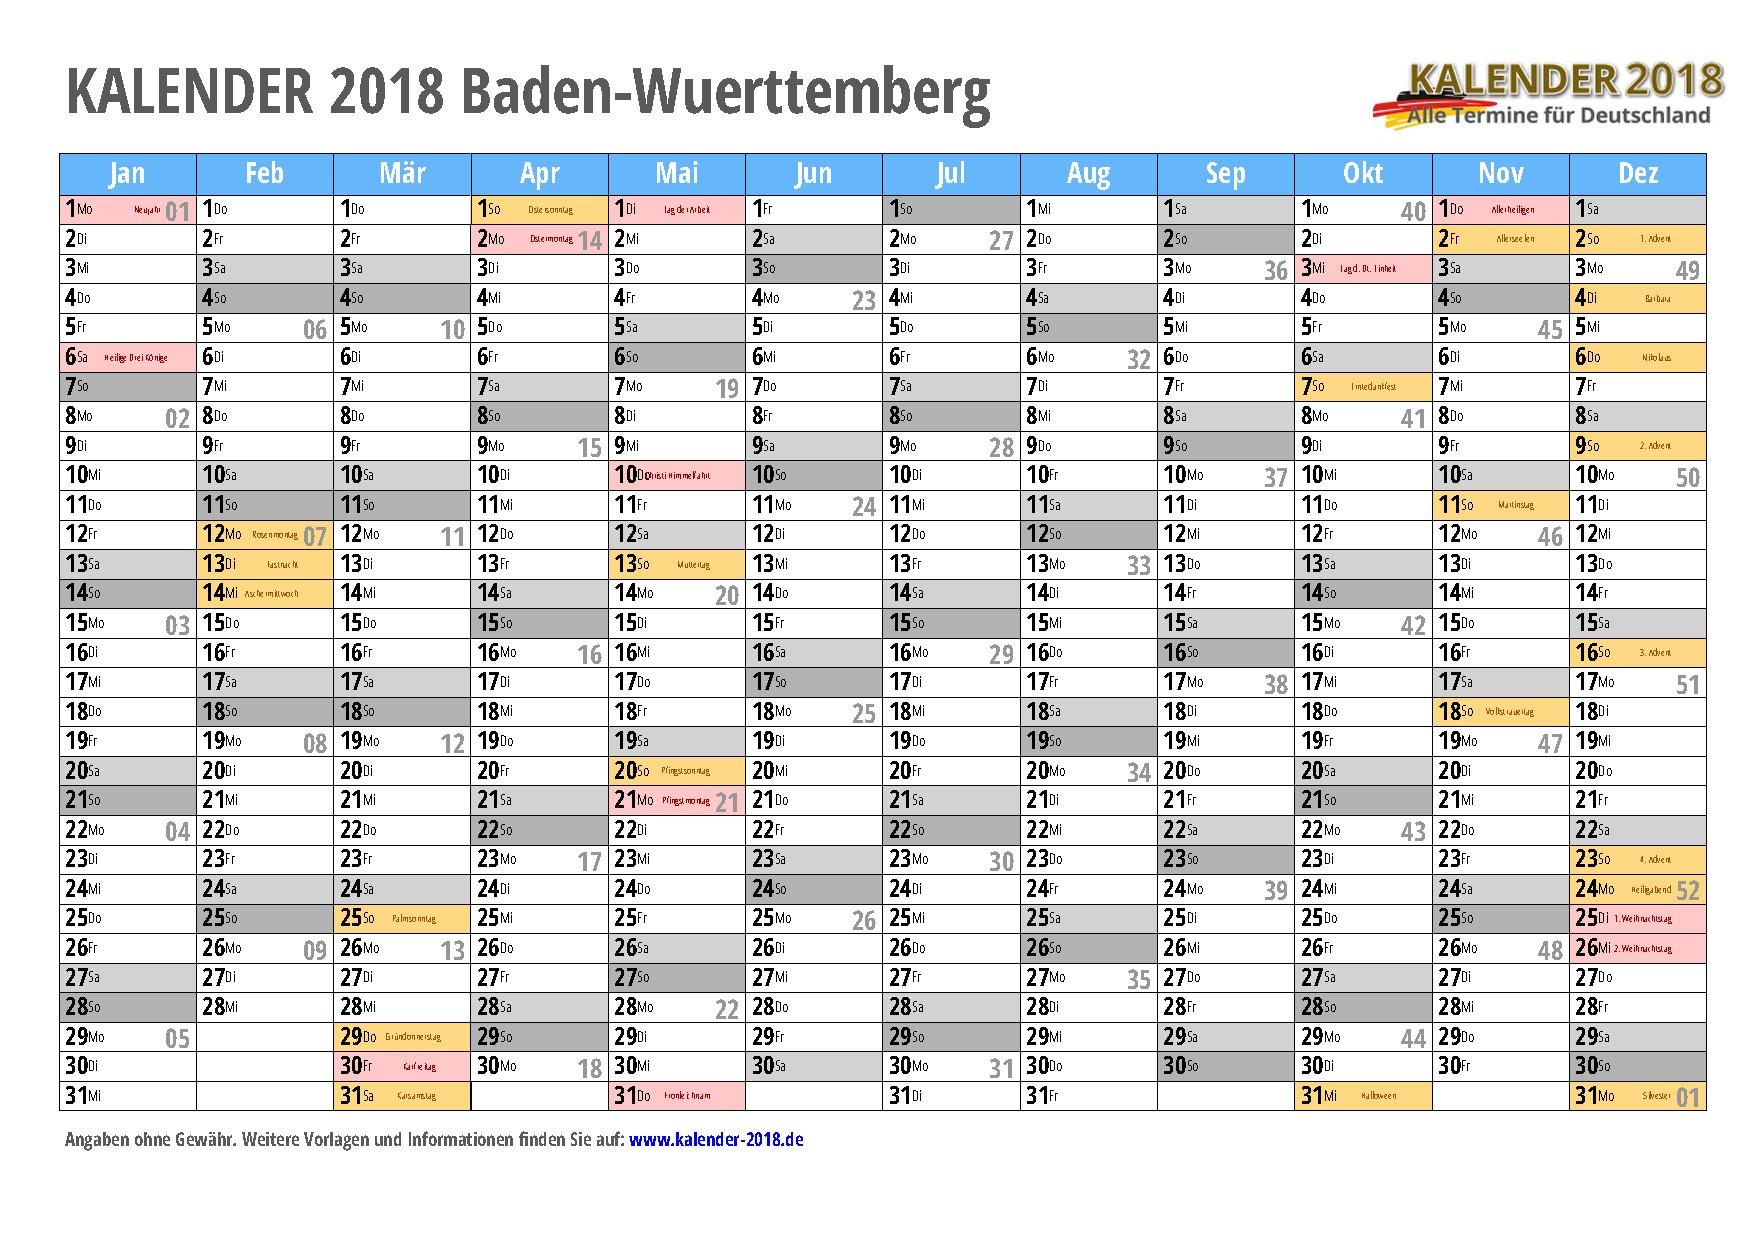 Kalender 2019 Pdf Baden Württemberg Más Recientes Kalender 2018 Baden Württemberg Zum Ausdrucken Kalender 2018 Of Kalender 2019 Pdf Baden Württemberg Actual Kalender 2019 Nrw Ausdrucken Ferien Feiertage Excel